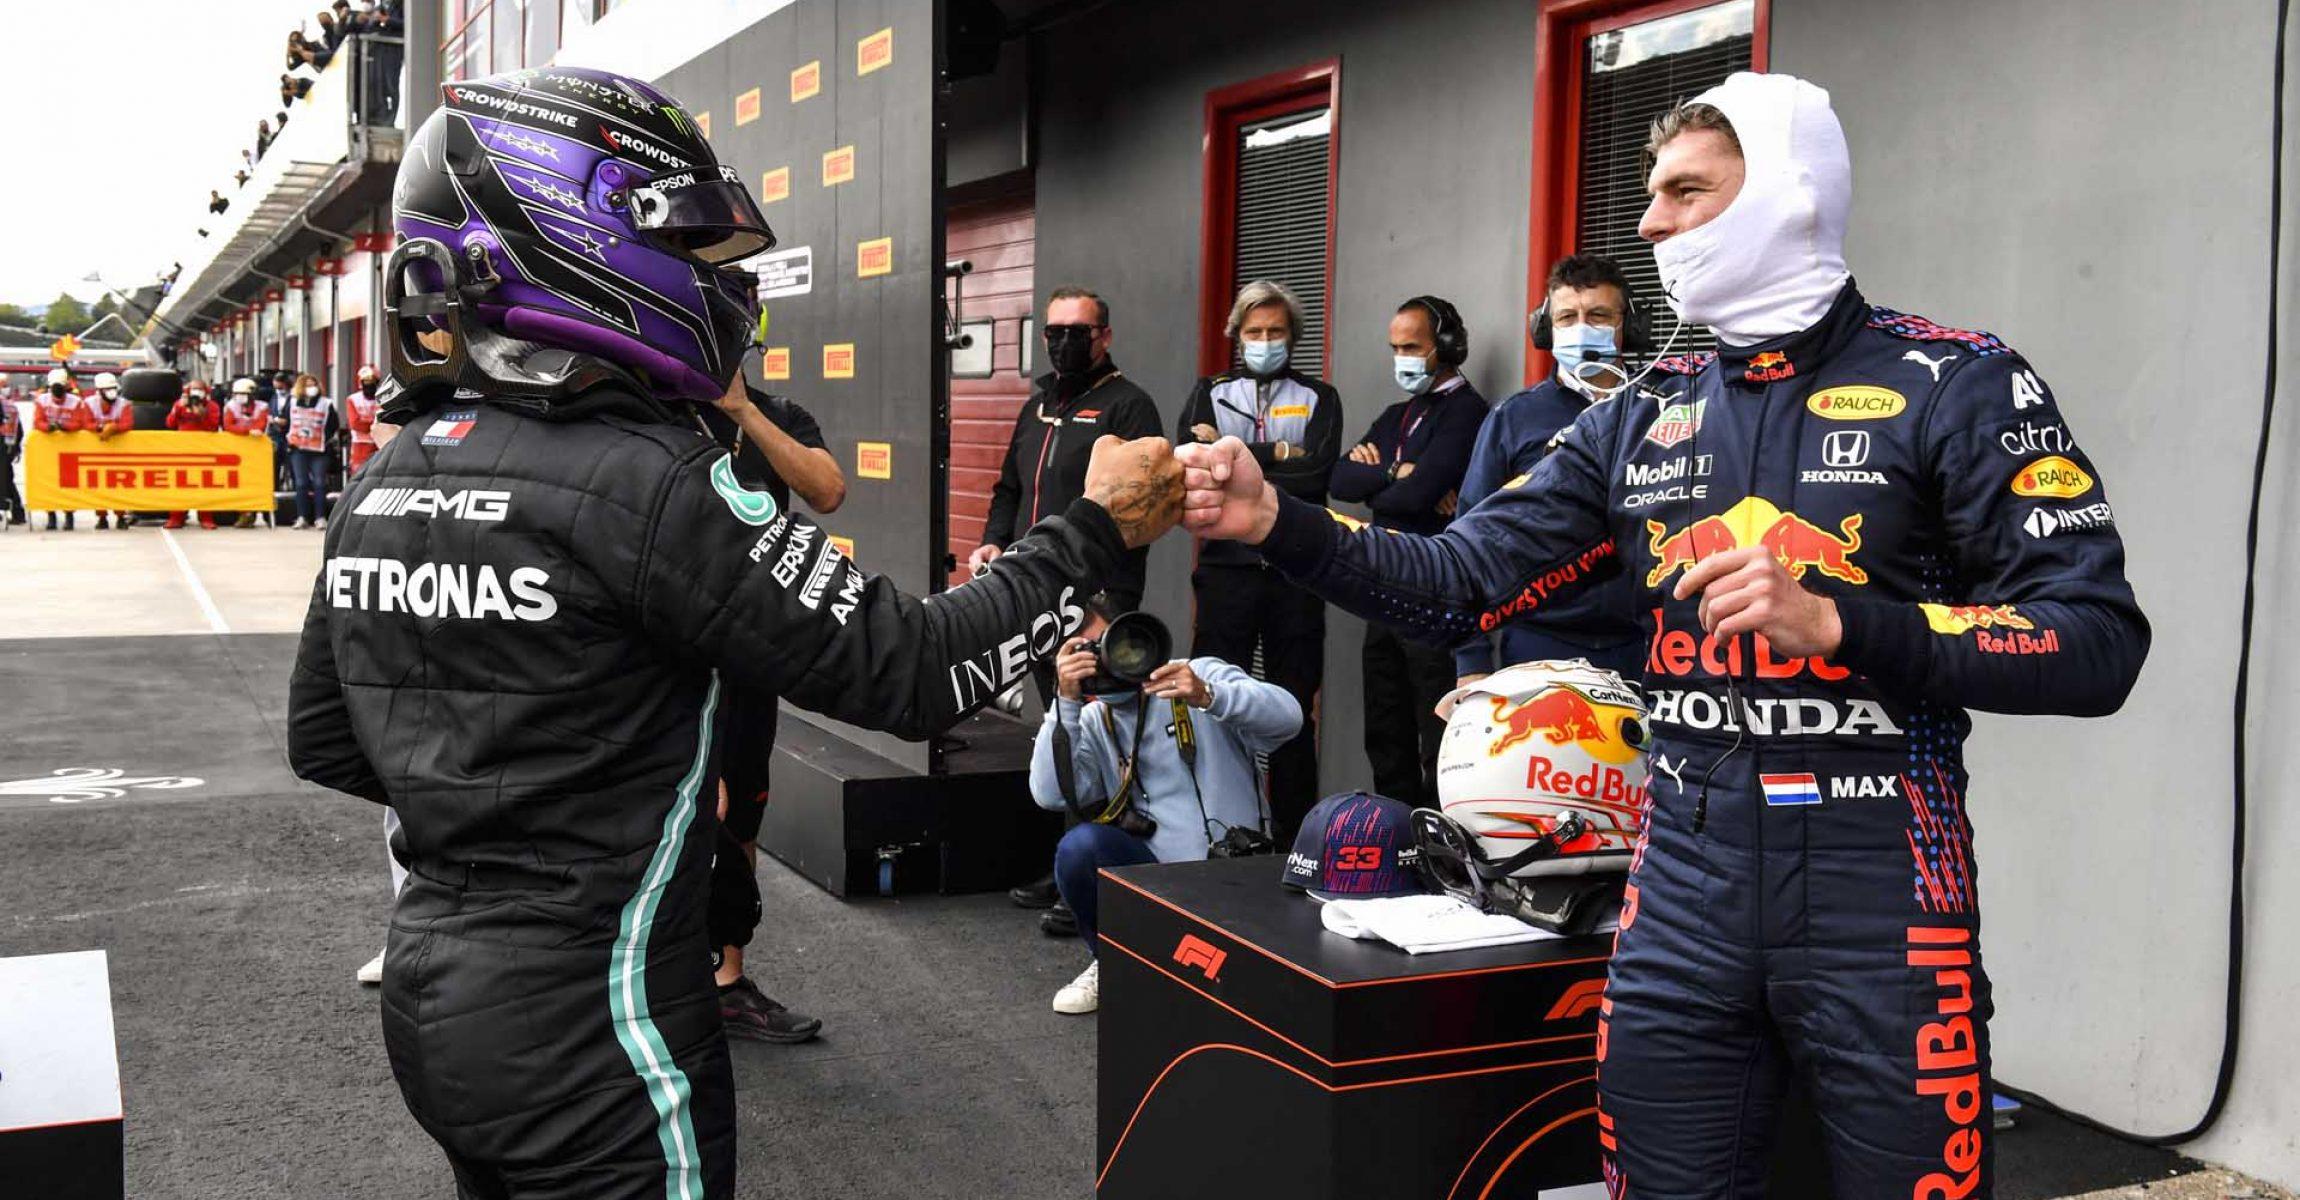 2021 Emilia Romagna Grand Prix, Saturday - LAT Images Lewis Hamilton Mercedes Max Verstappen